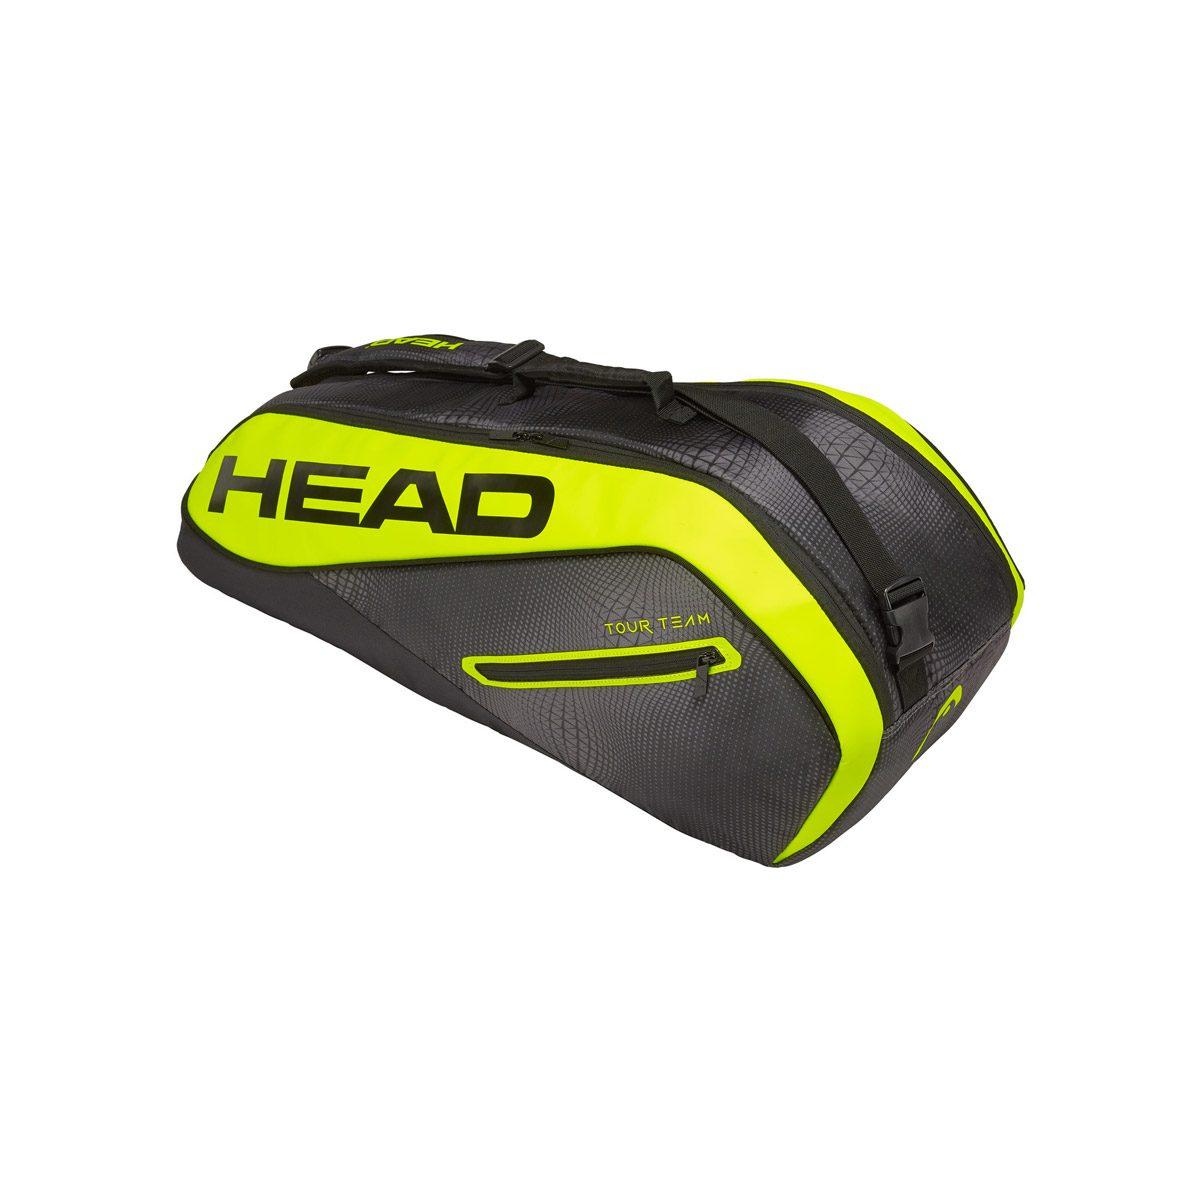 057da43c8b3c Head Sports Bags Uk